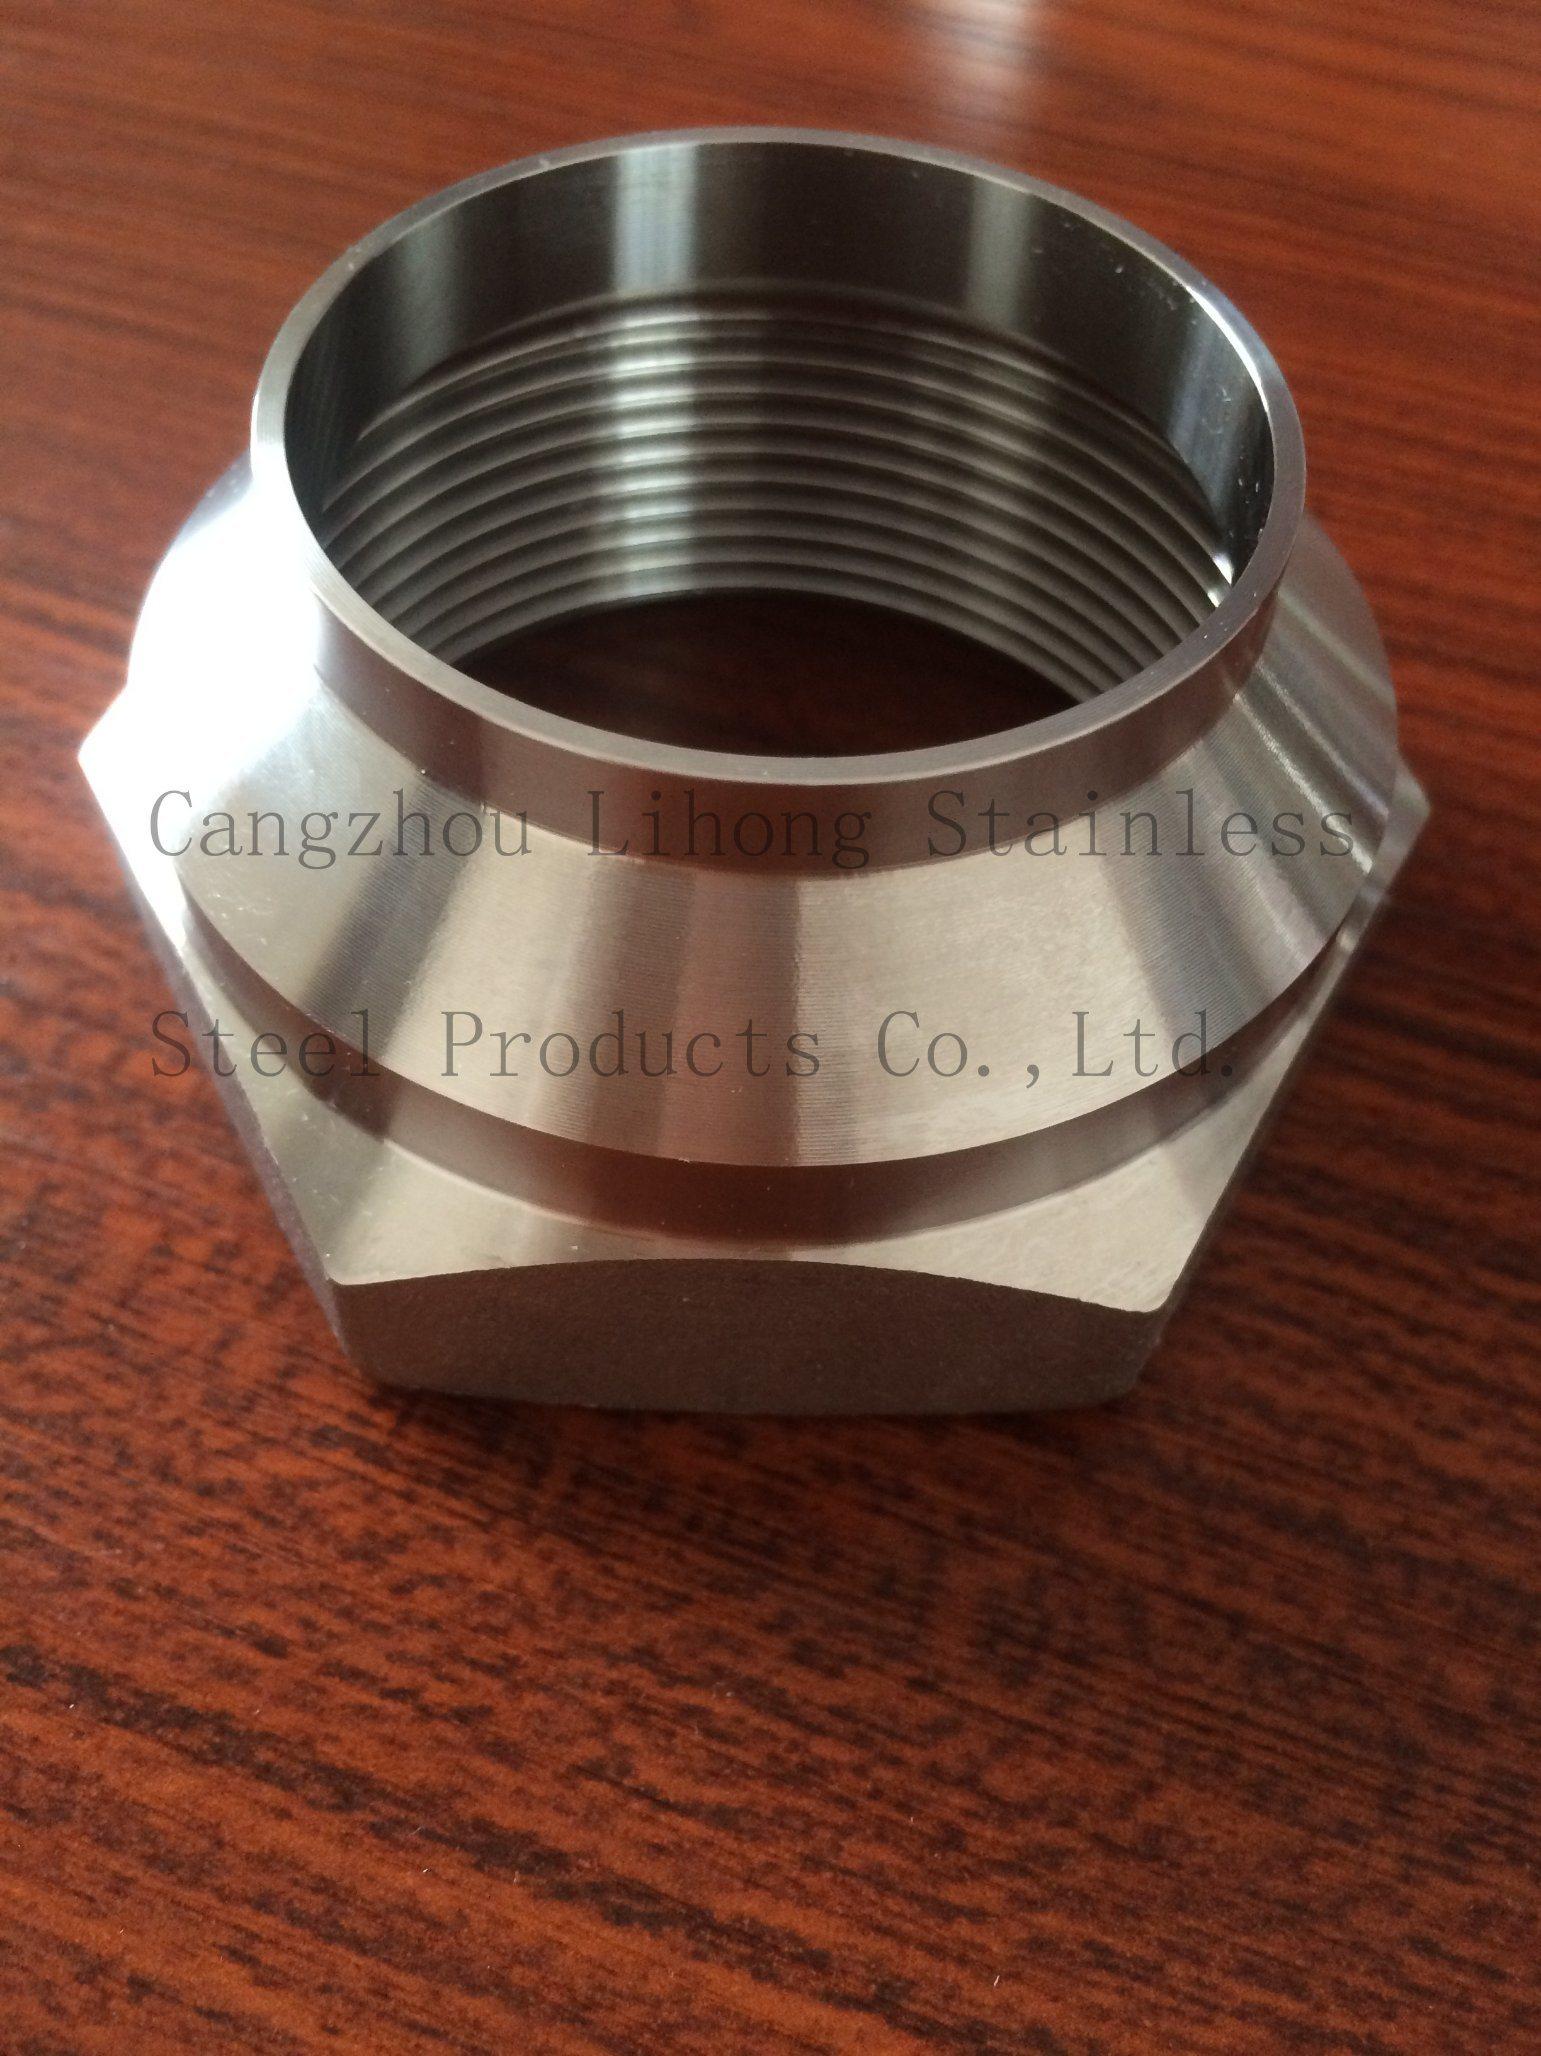 Raccordi per tubi in acciaio inox, nipplo da fusione